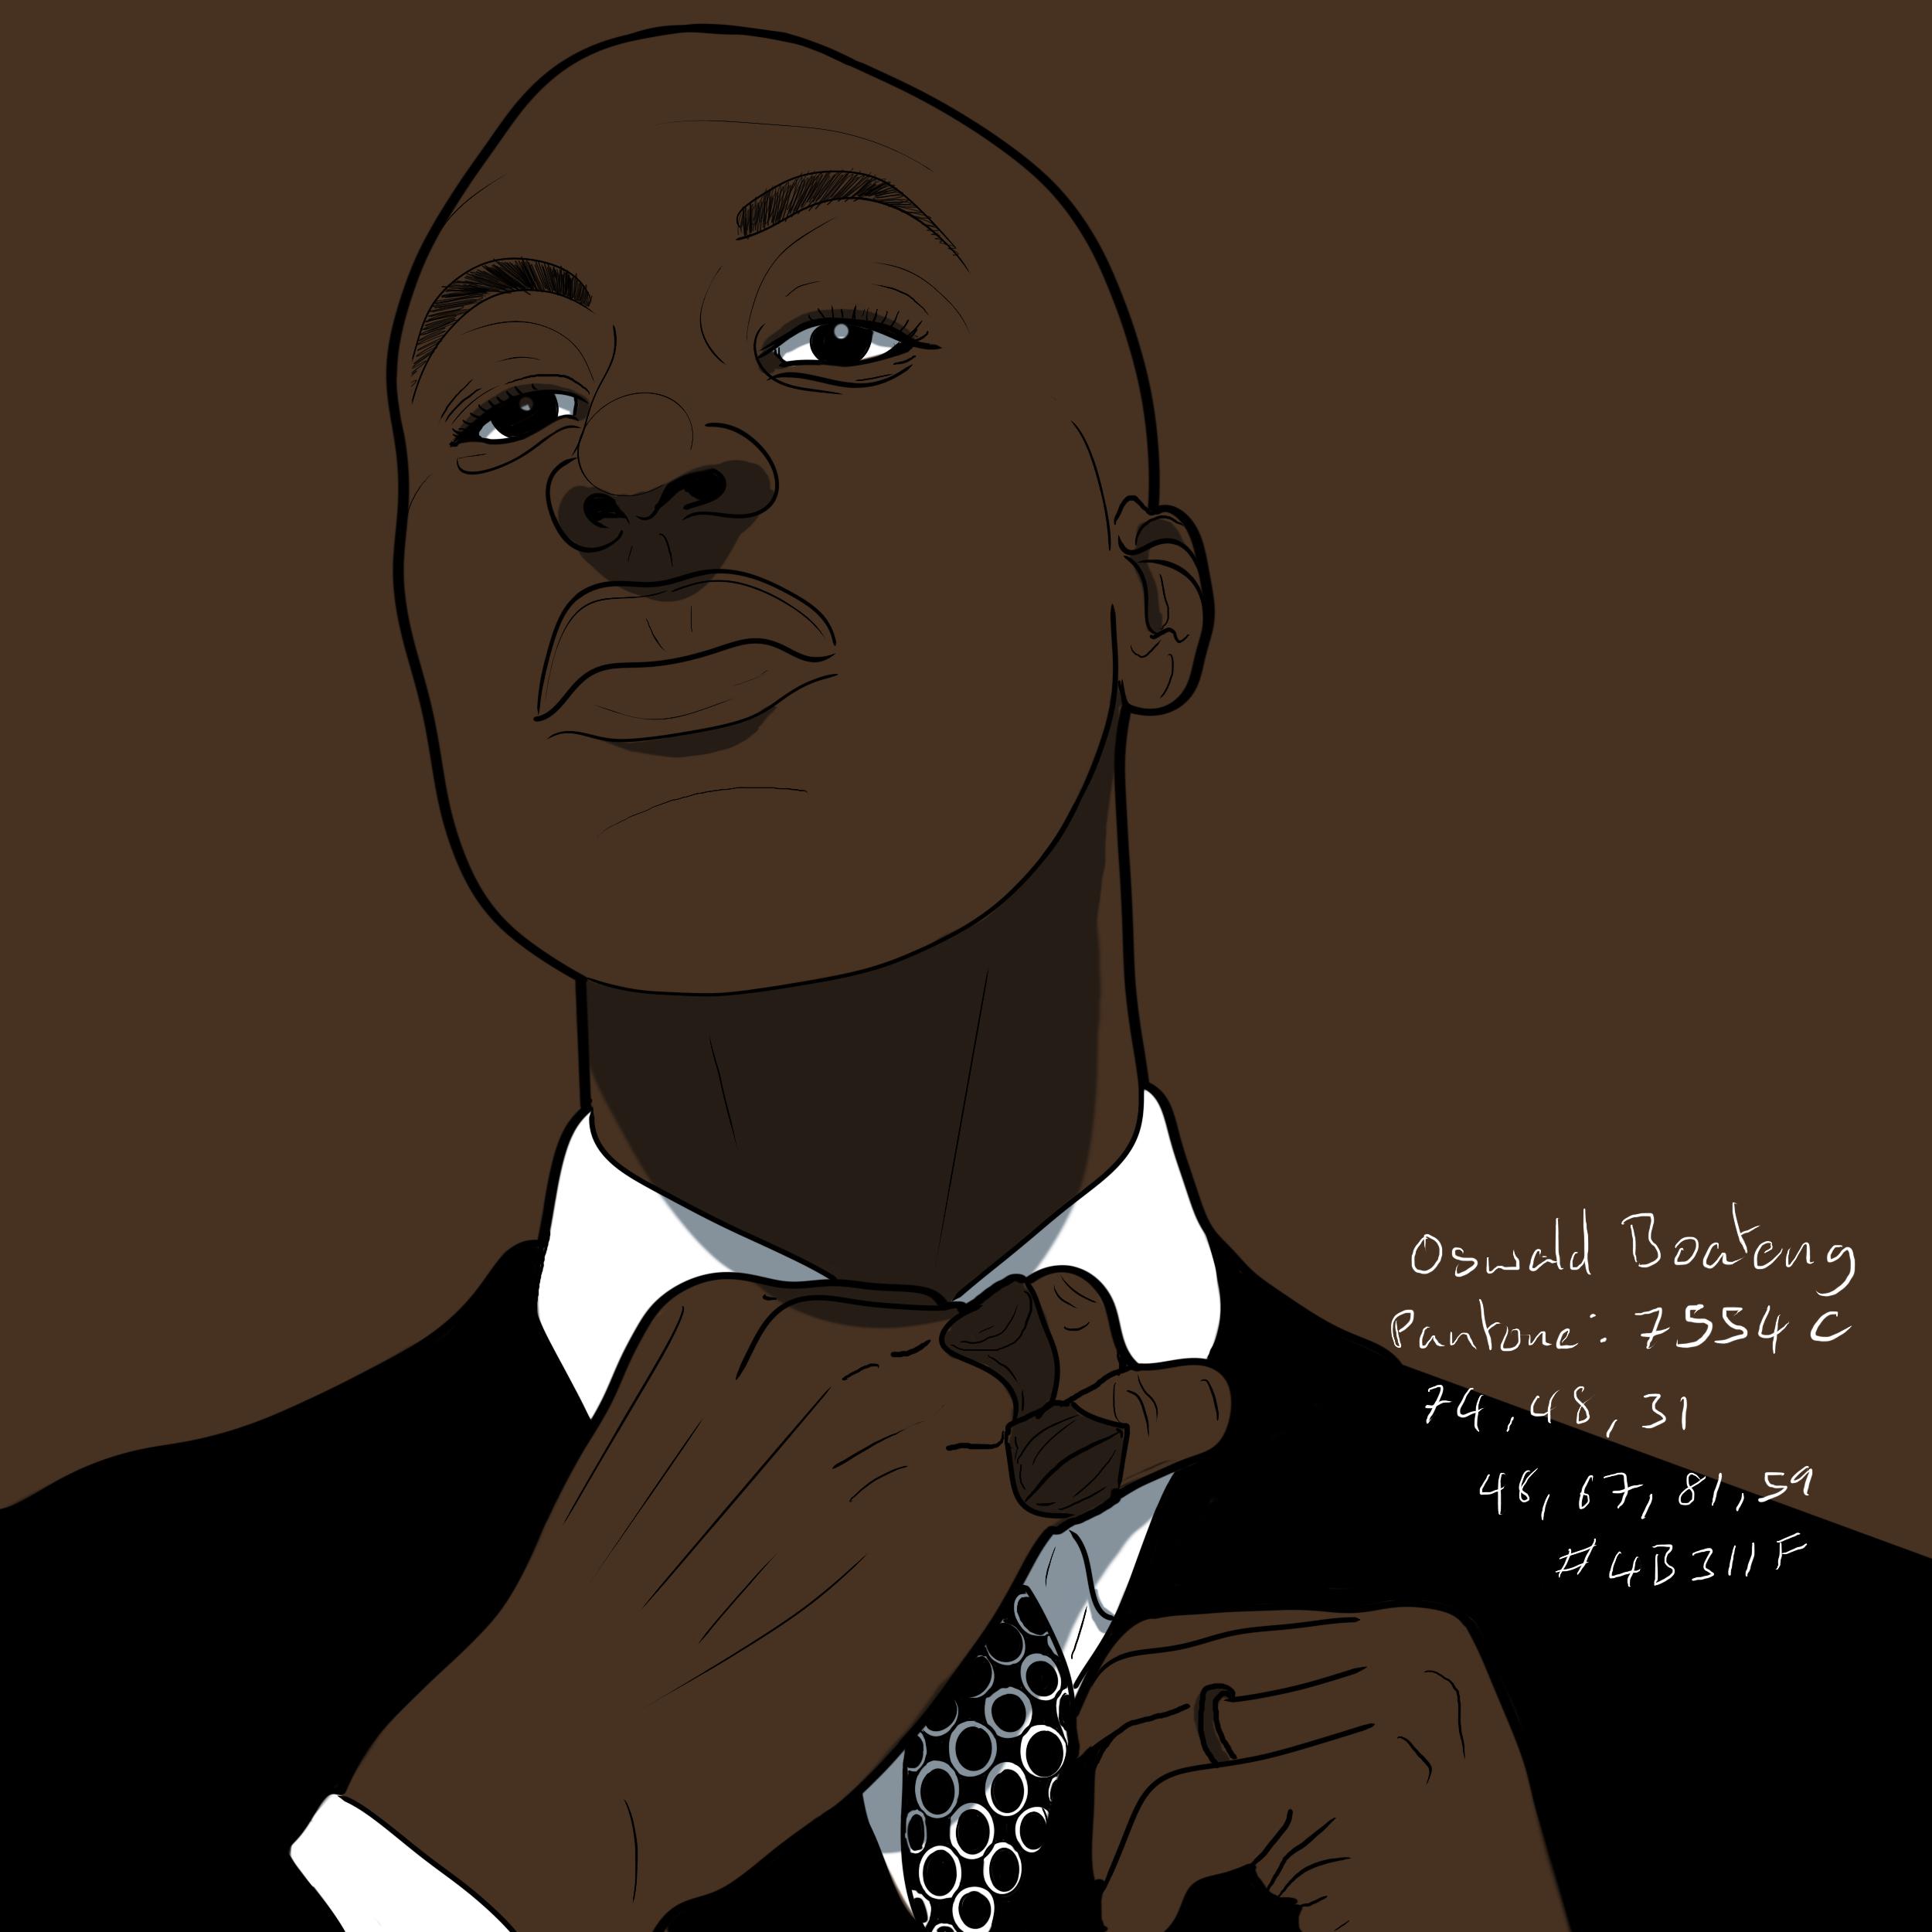 30. Oswald Boateng 1.png